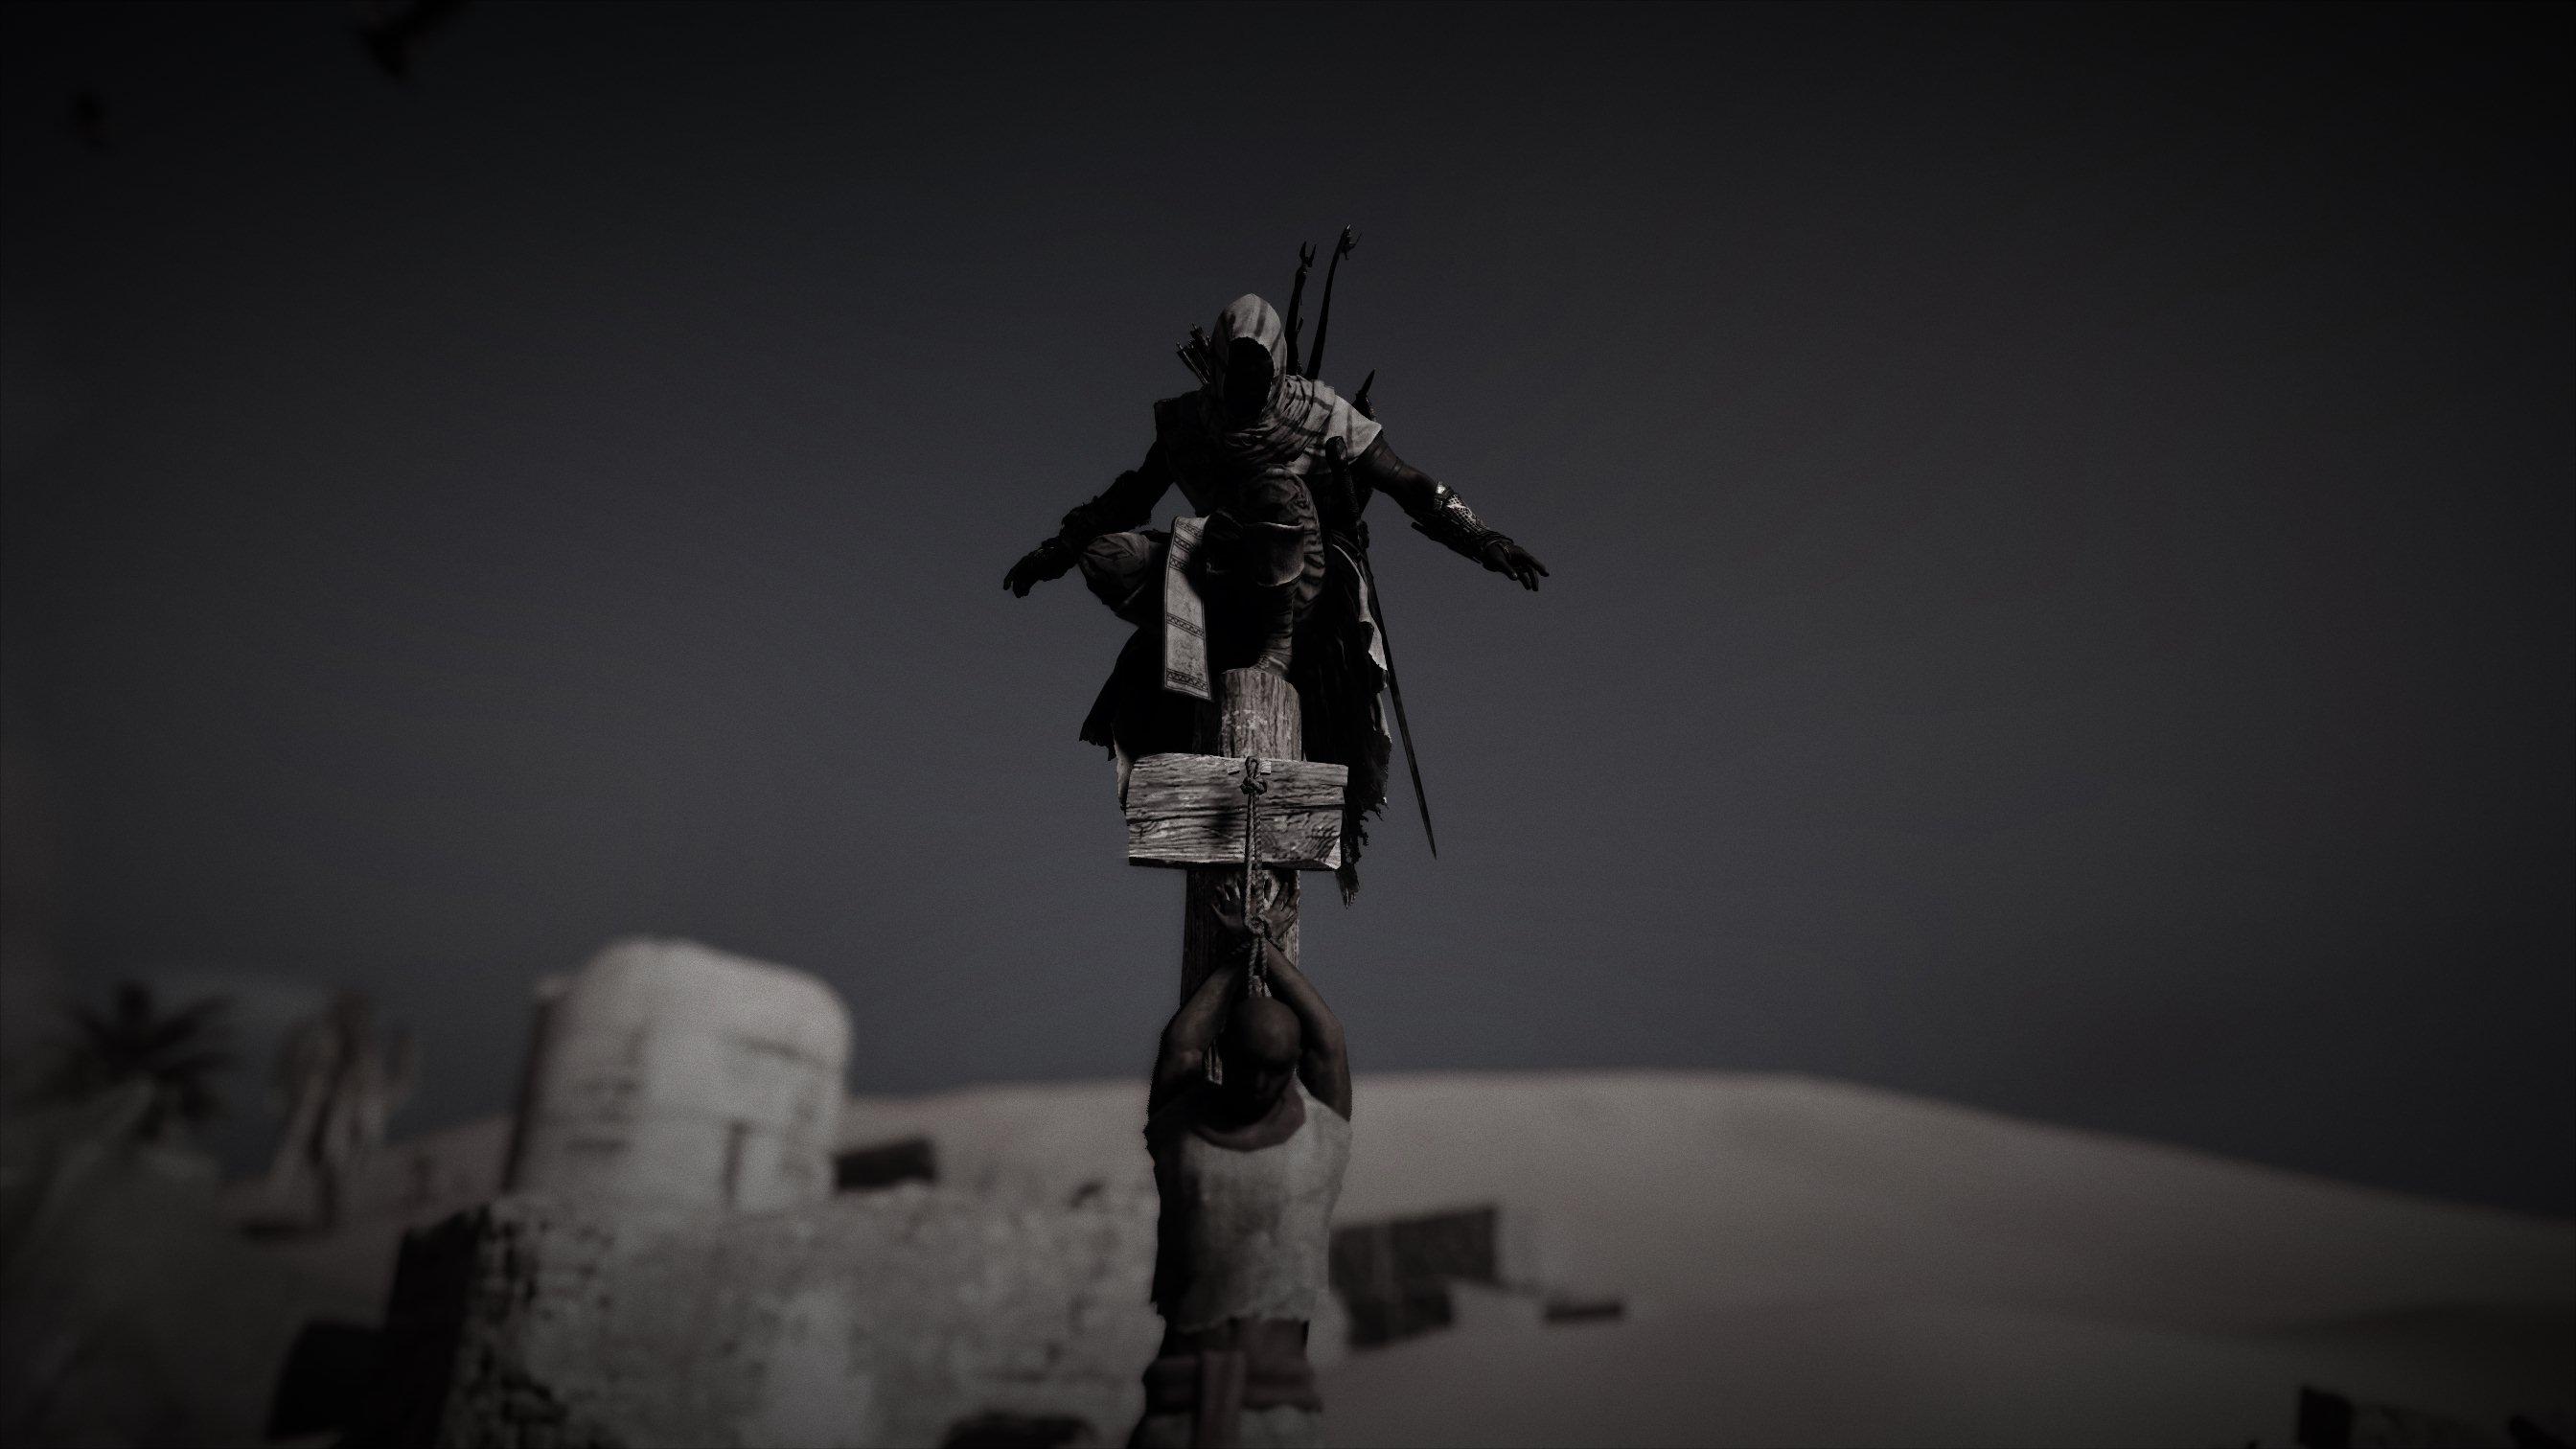 20180111210032.jpg - Assassin's Creed: Origins